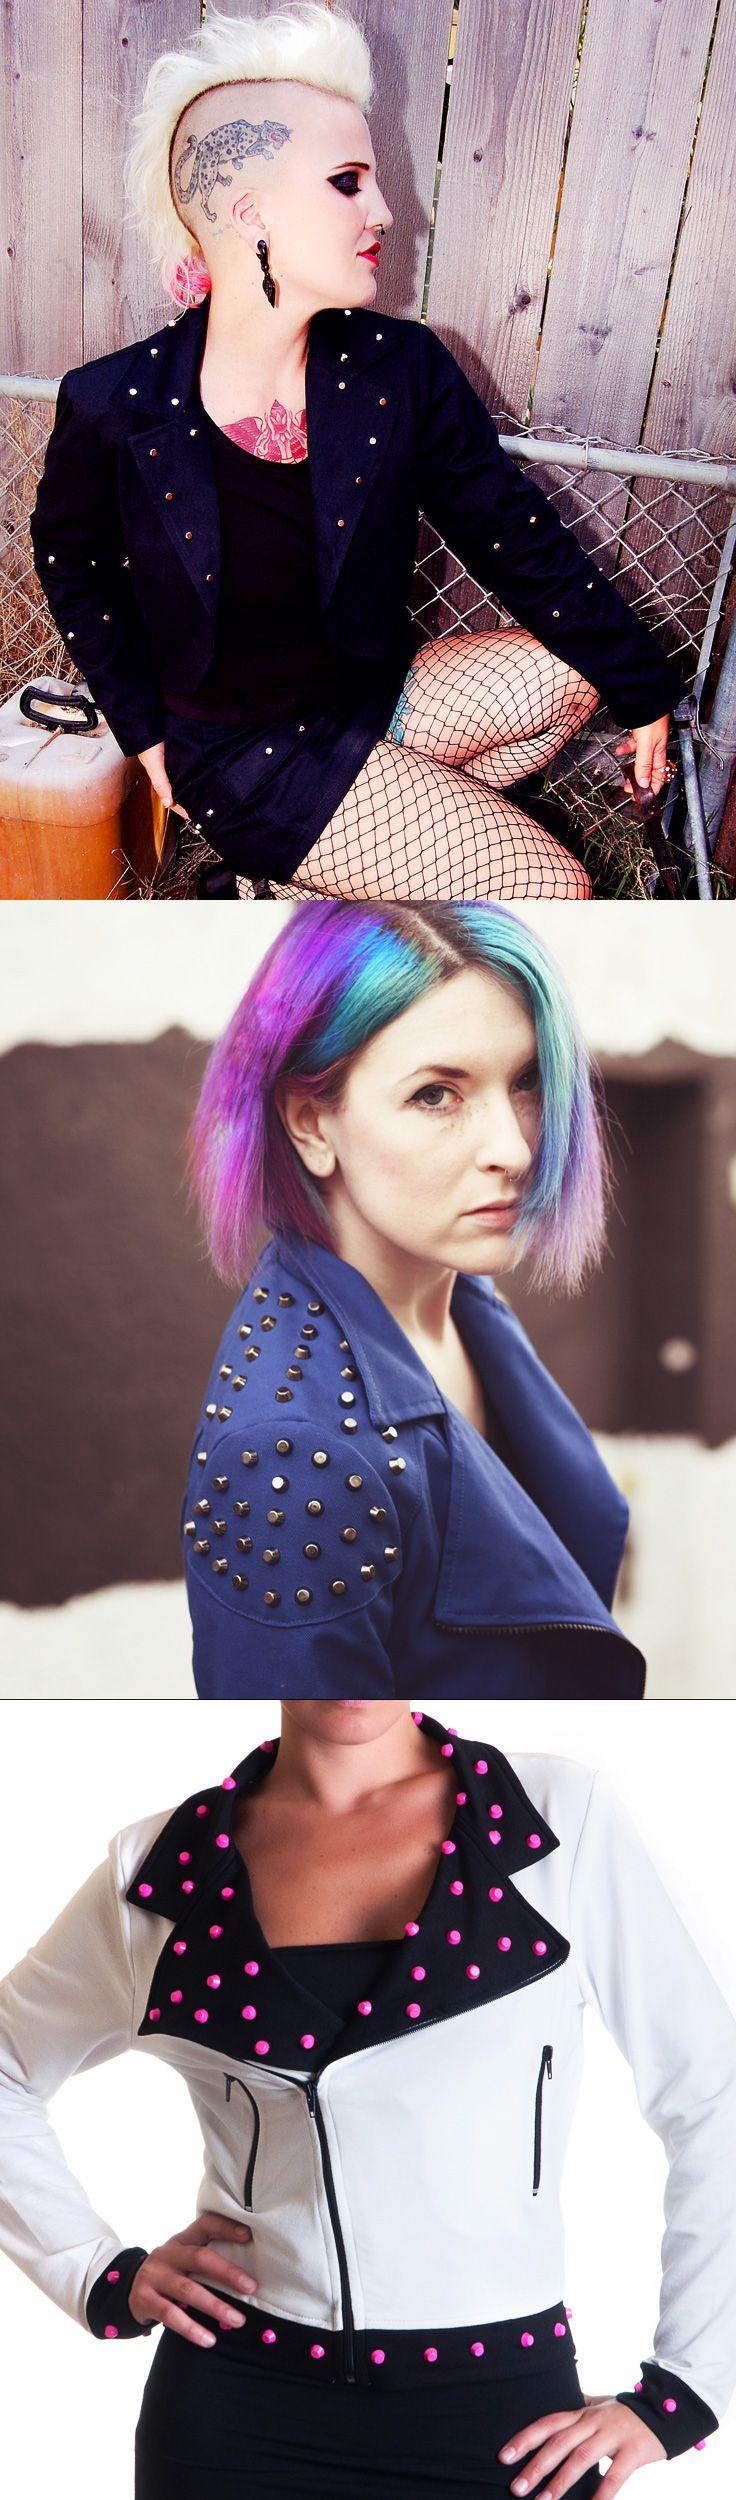 742 best punk rock fashion images on pinterest punk